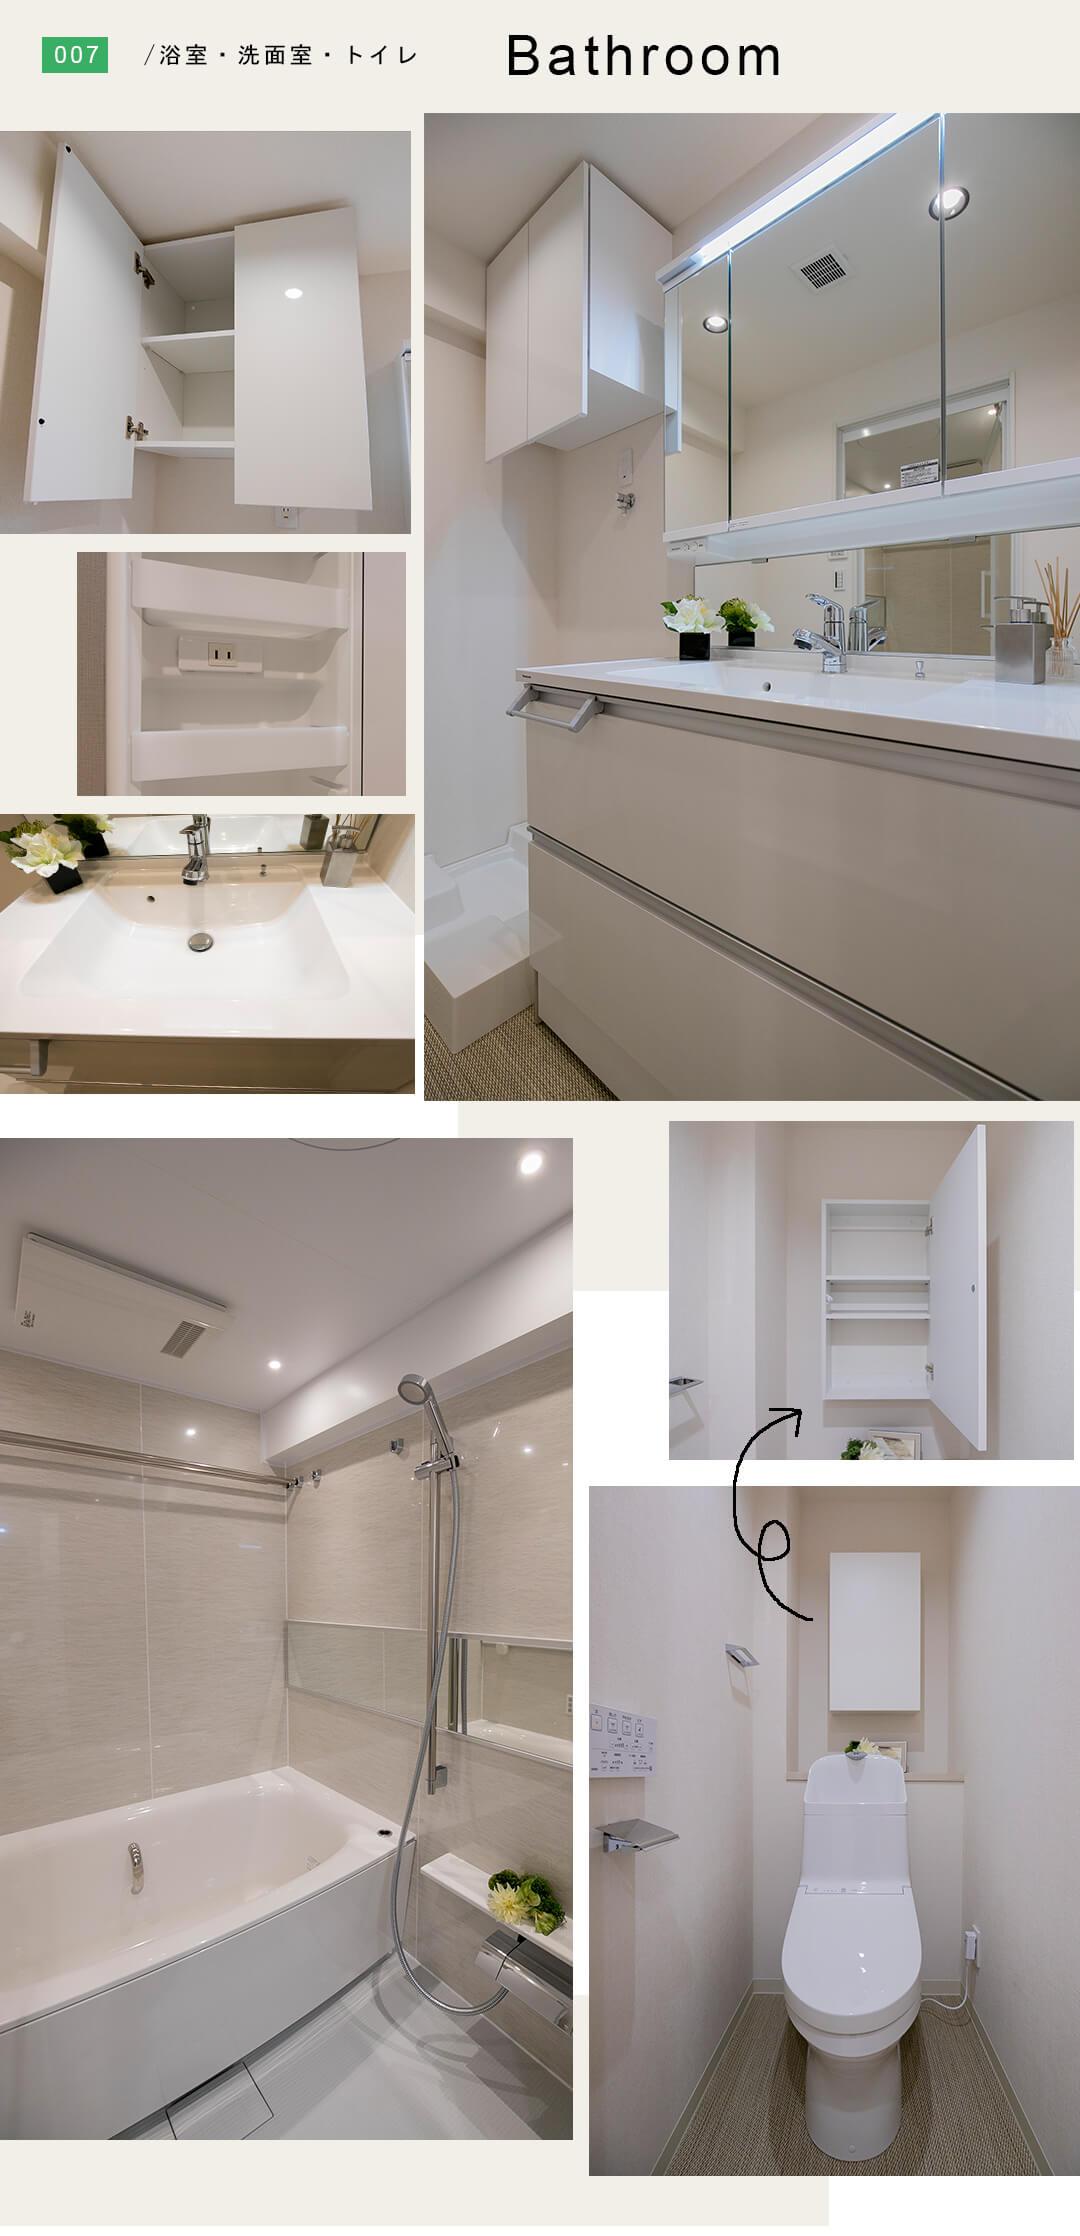 目黒青葉台グランドハイツの洗面室と浴室とトイレ